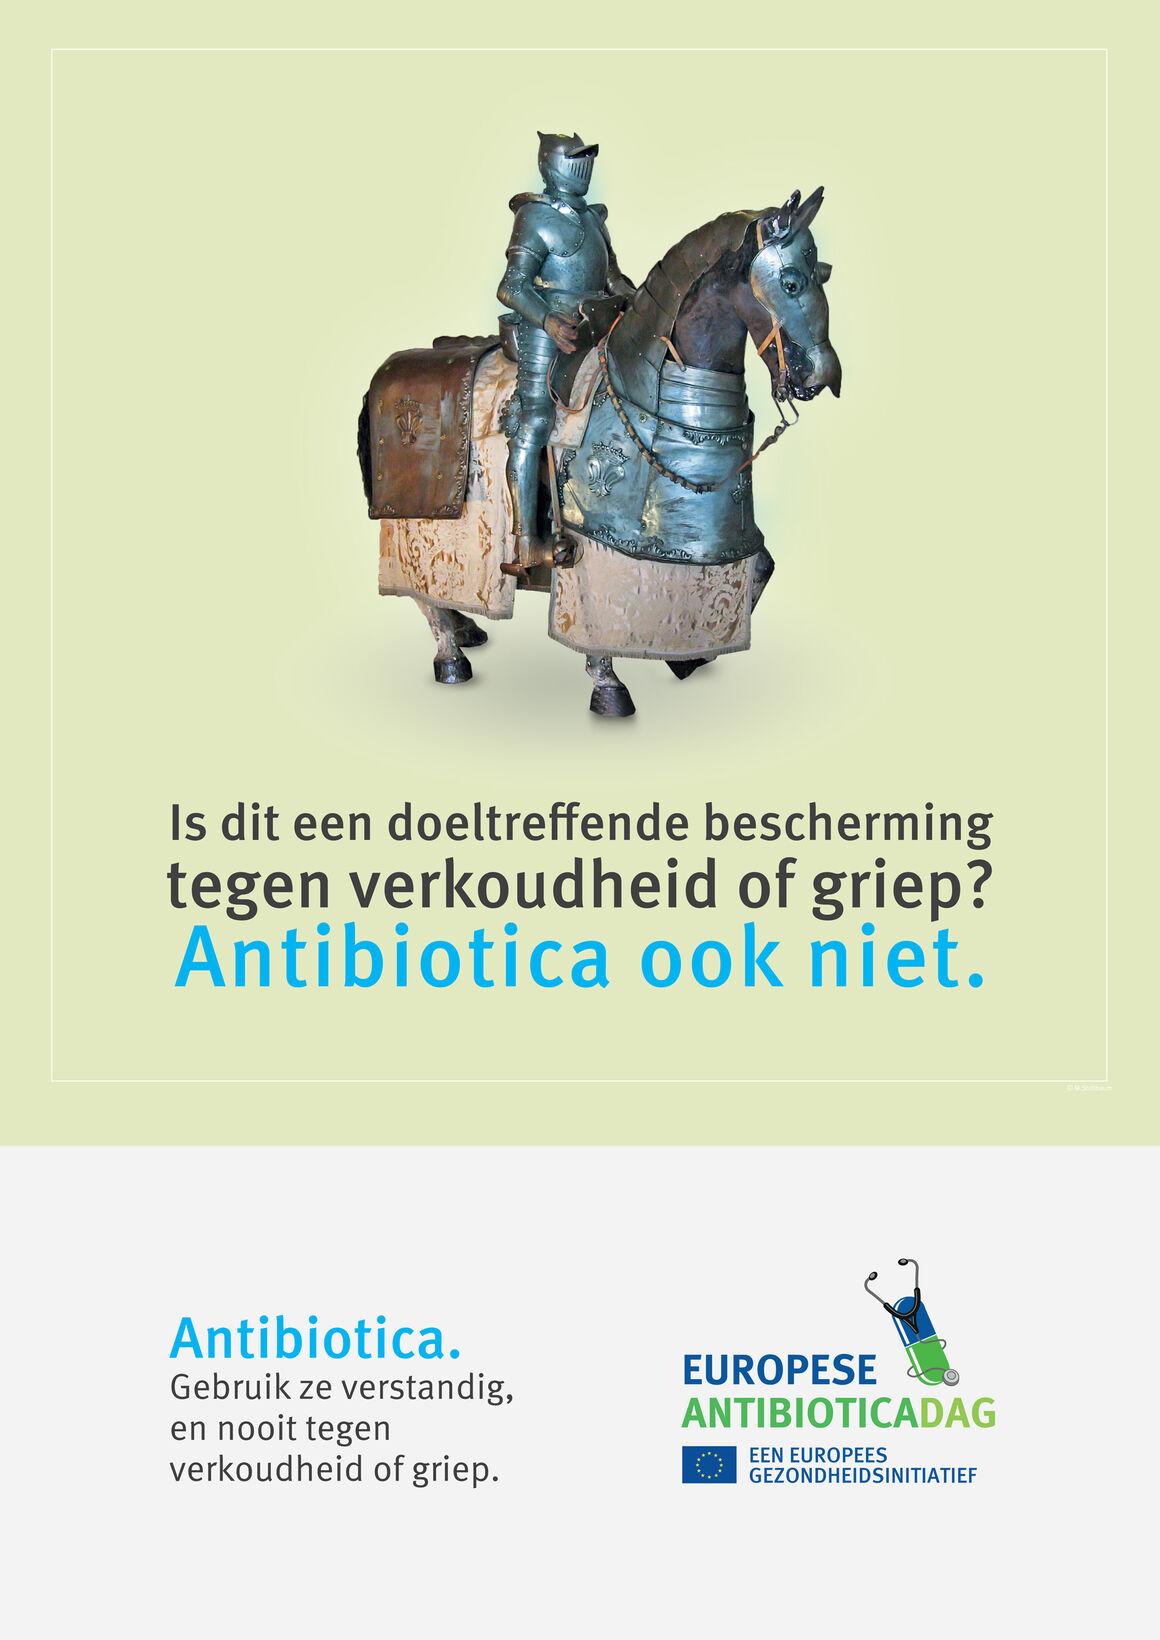 Posters: Is dit een doeltreffende bescherming tegen verkoudheid of griep? Antibiotica ook niet.